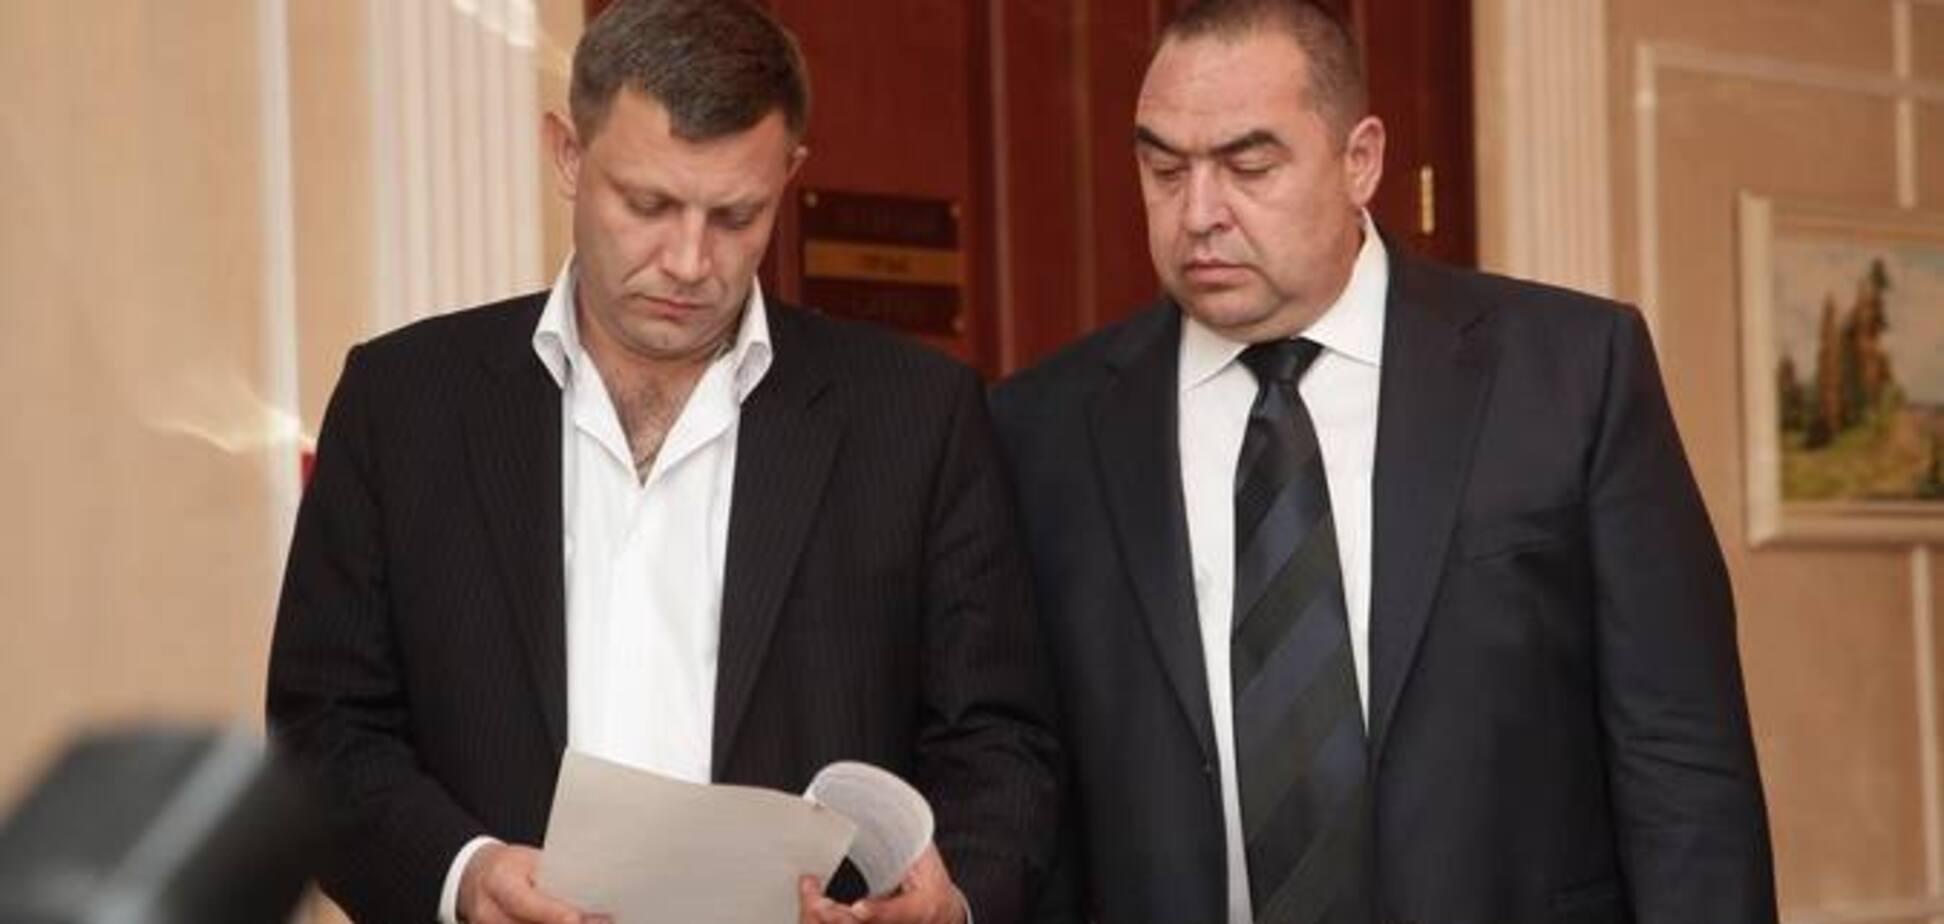 Посекретничали: главари 'Л/ДНР' прокомментировали разговор с Путиным